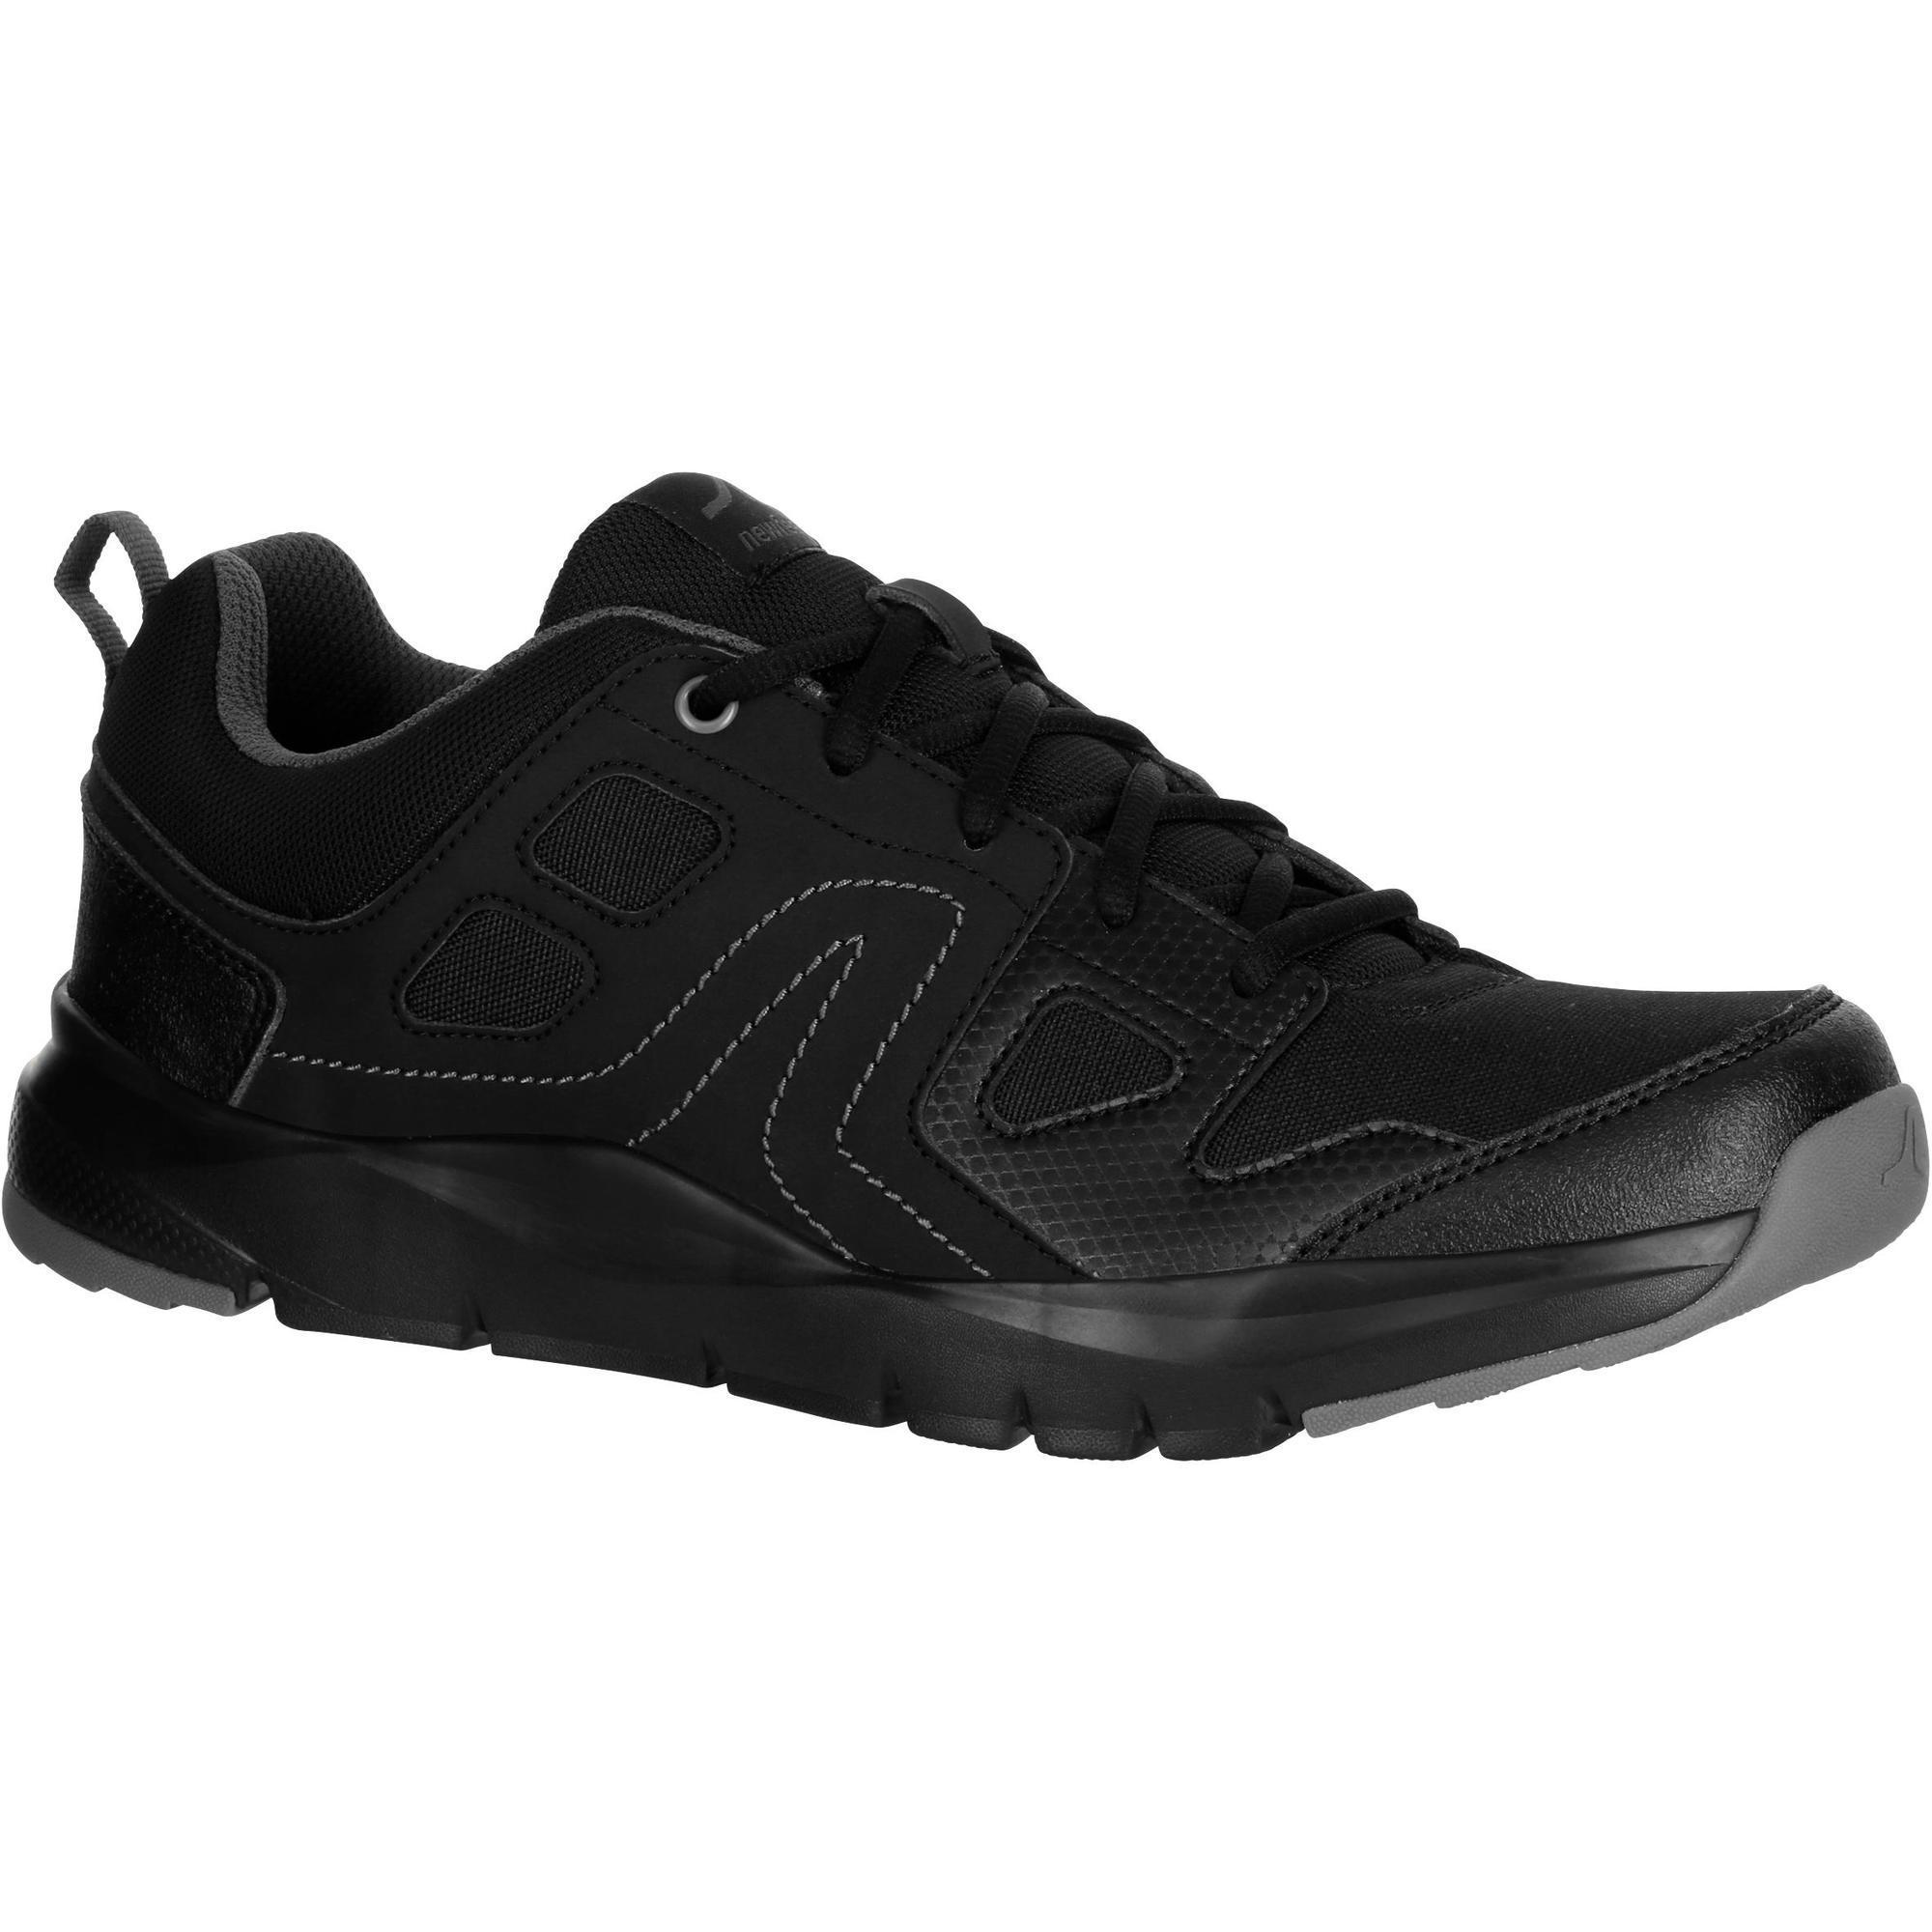 new concept b0537 a32e5 Comprar Zapatillas de Marcha Hombre Online   Decathlon